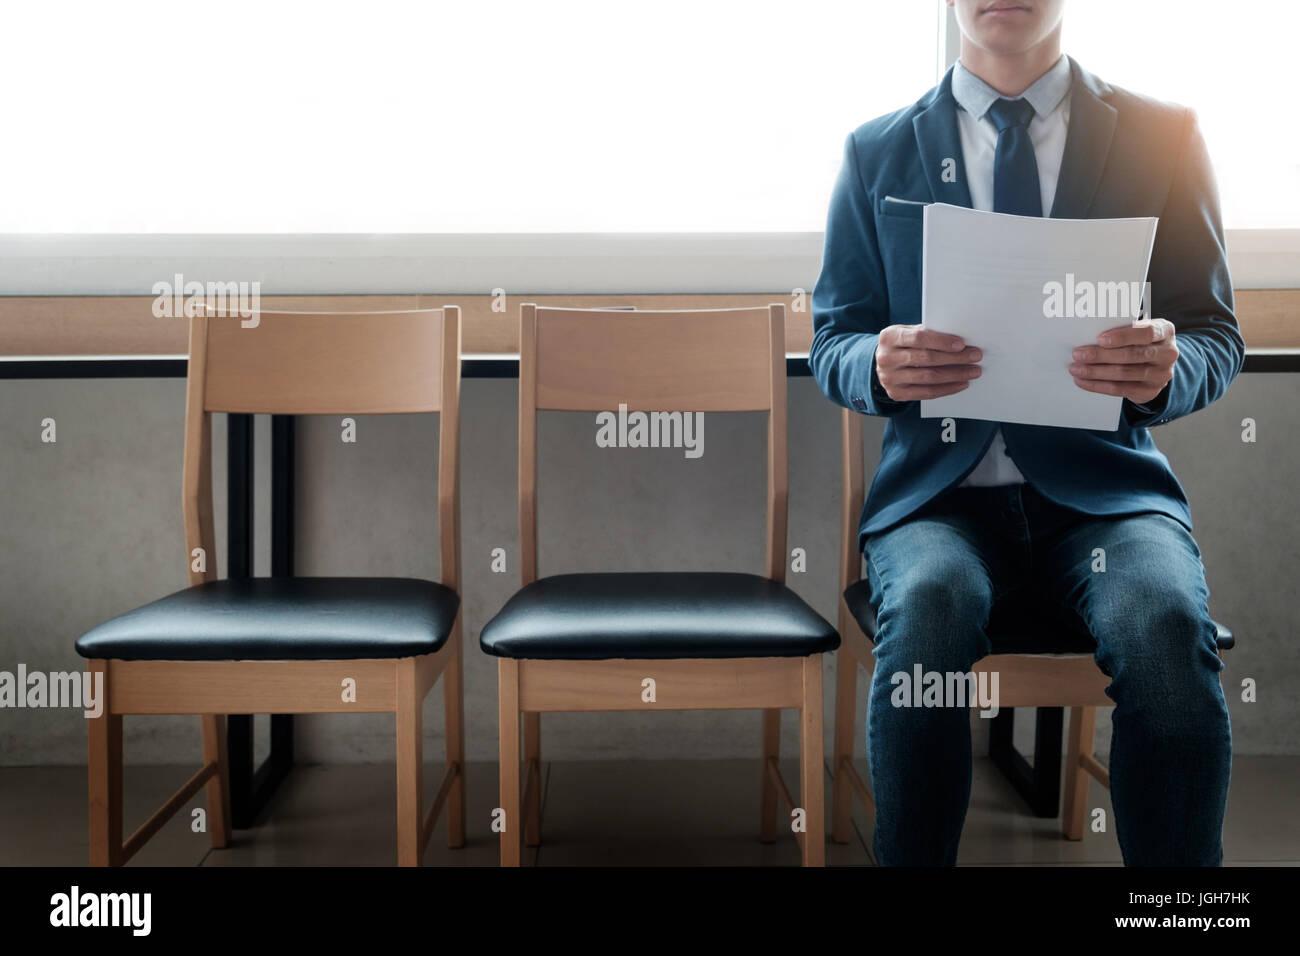 Zuversichtlich junger Geschäftsmann Papier halten, während Sie auf eine Reihe von Stühlen, sitzen Stockbild